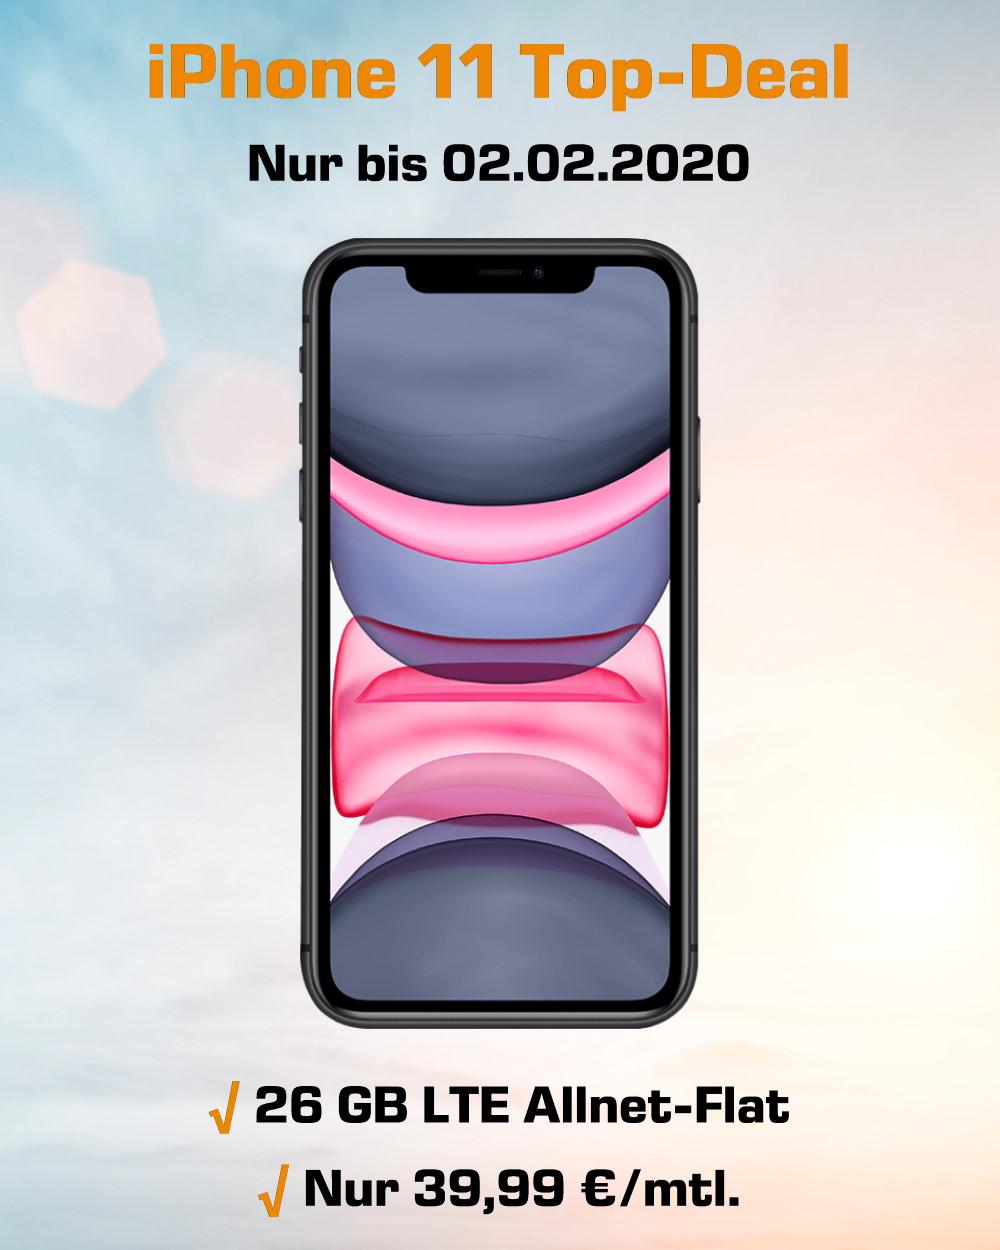 iPhone 11 Handyvertrag mit 26 GB LTE Allnet-Flat zum Mega-Tiefpreis